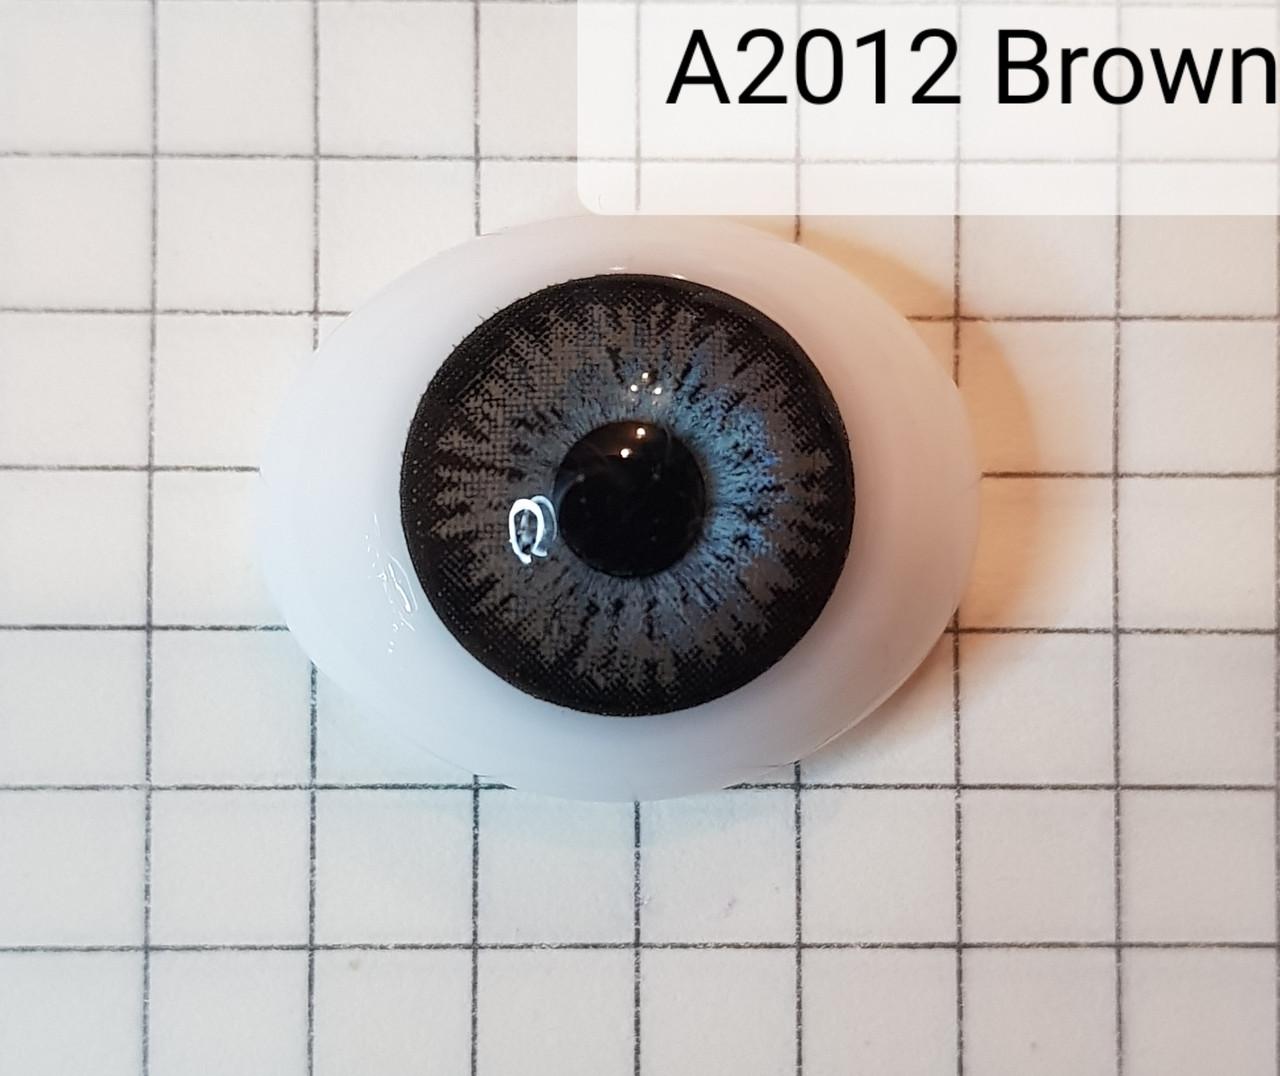 Контактные линзы A2012 Brown -1.75 - фото 3